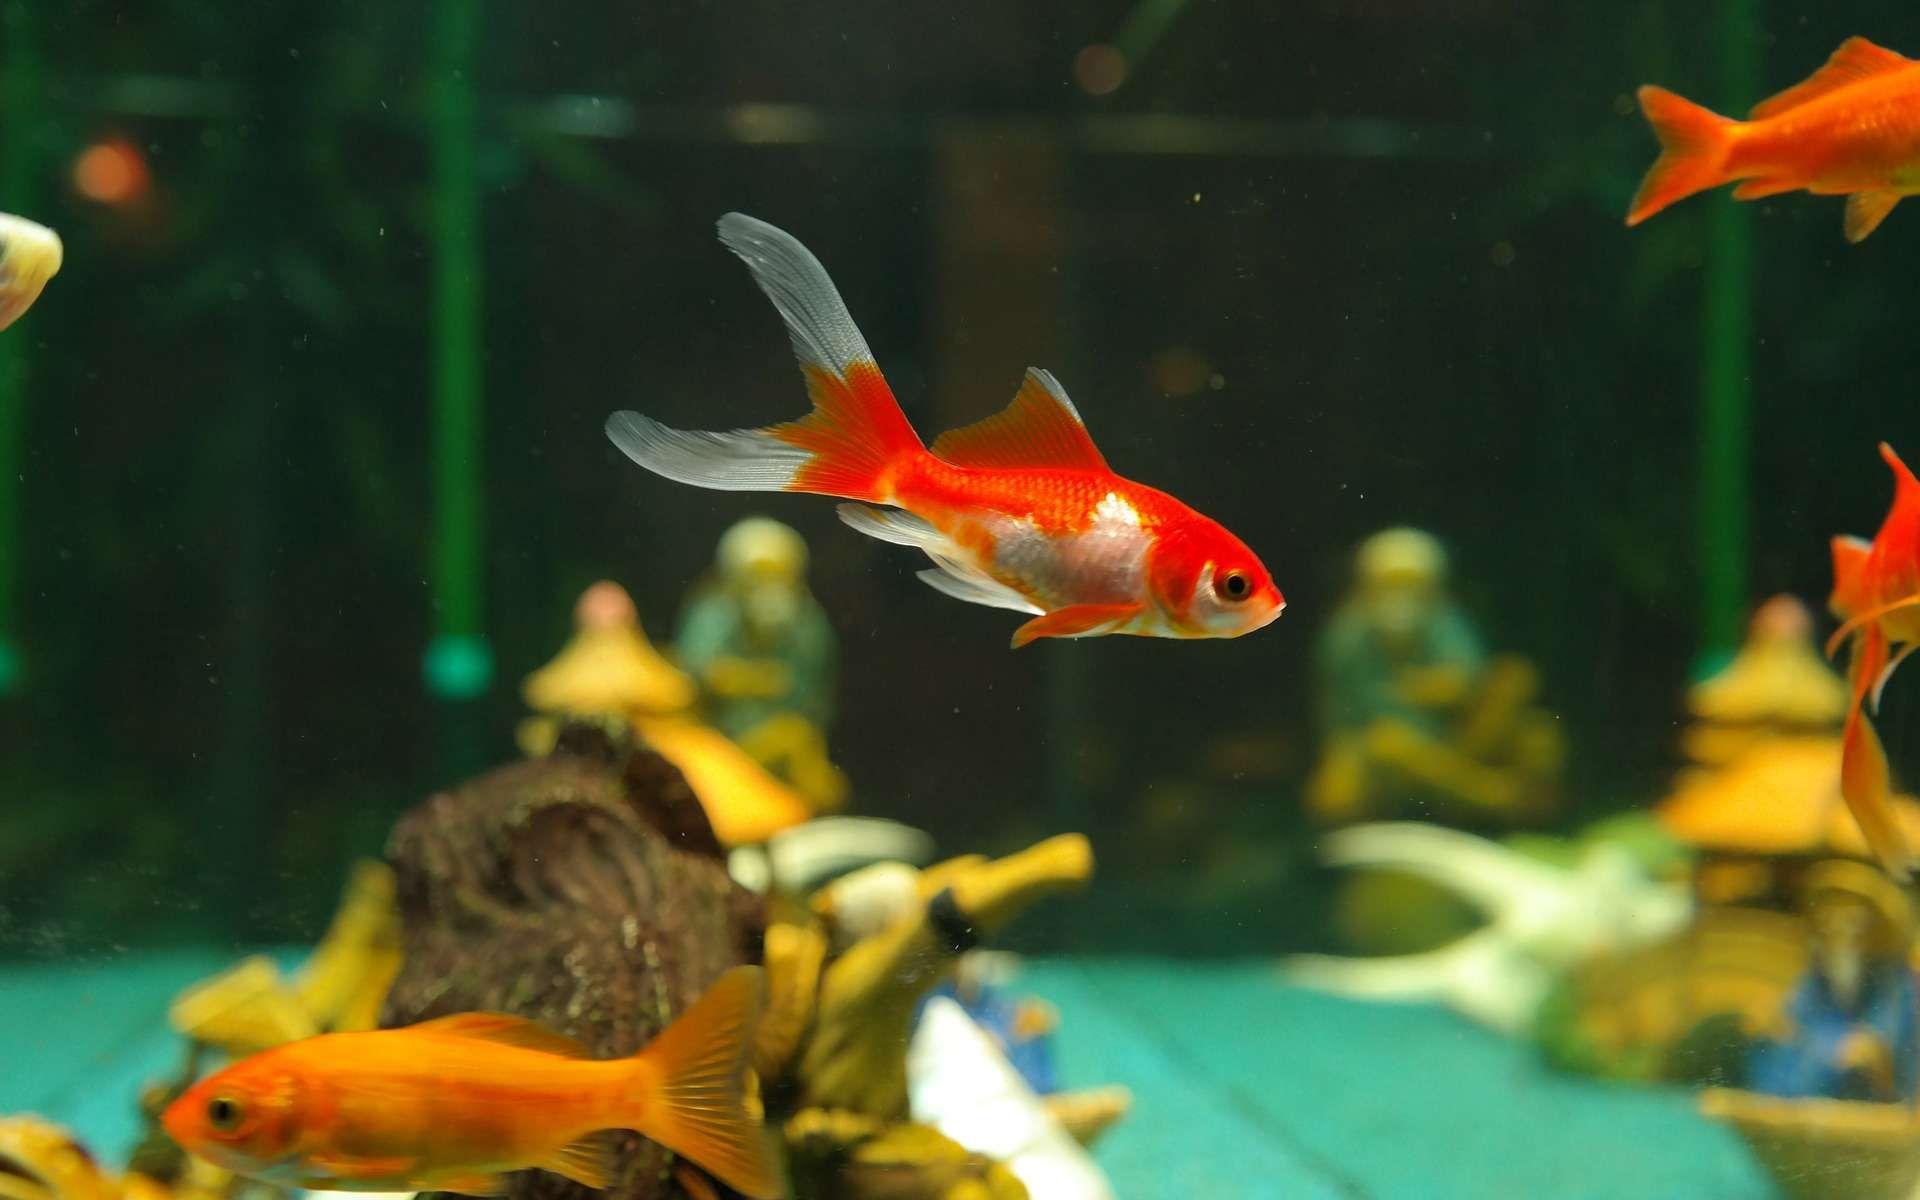 enregistrer fond ecran de poisson rouge qui bouge - Recherche Google | Poisson rouge, Poisson ...